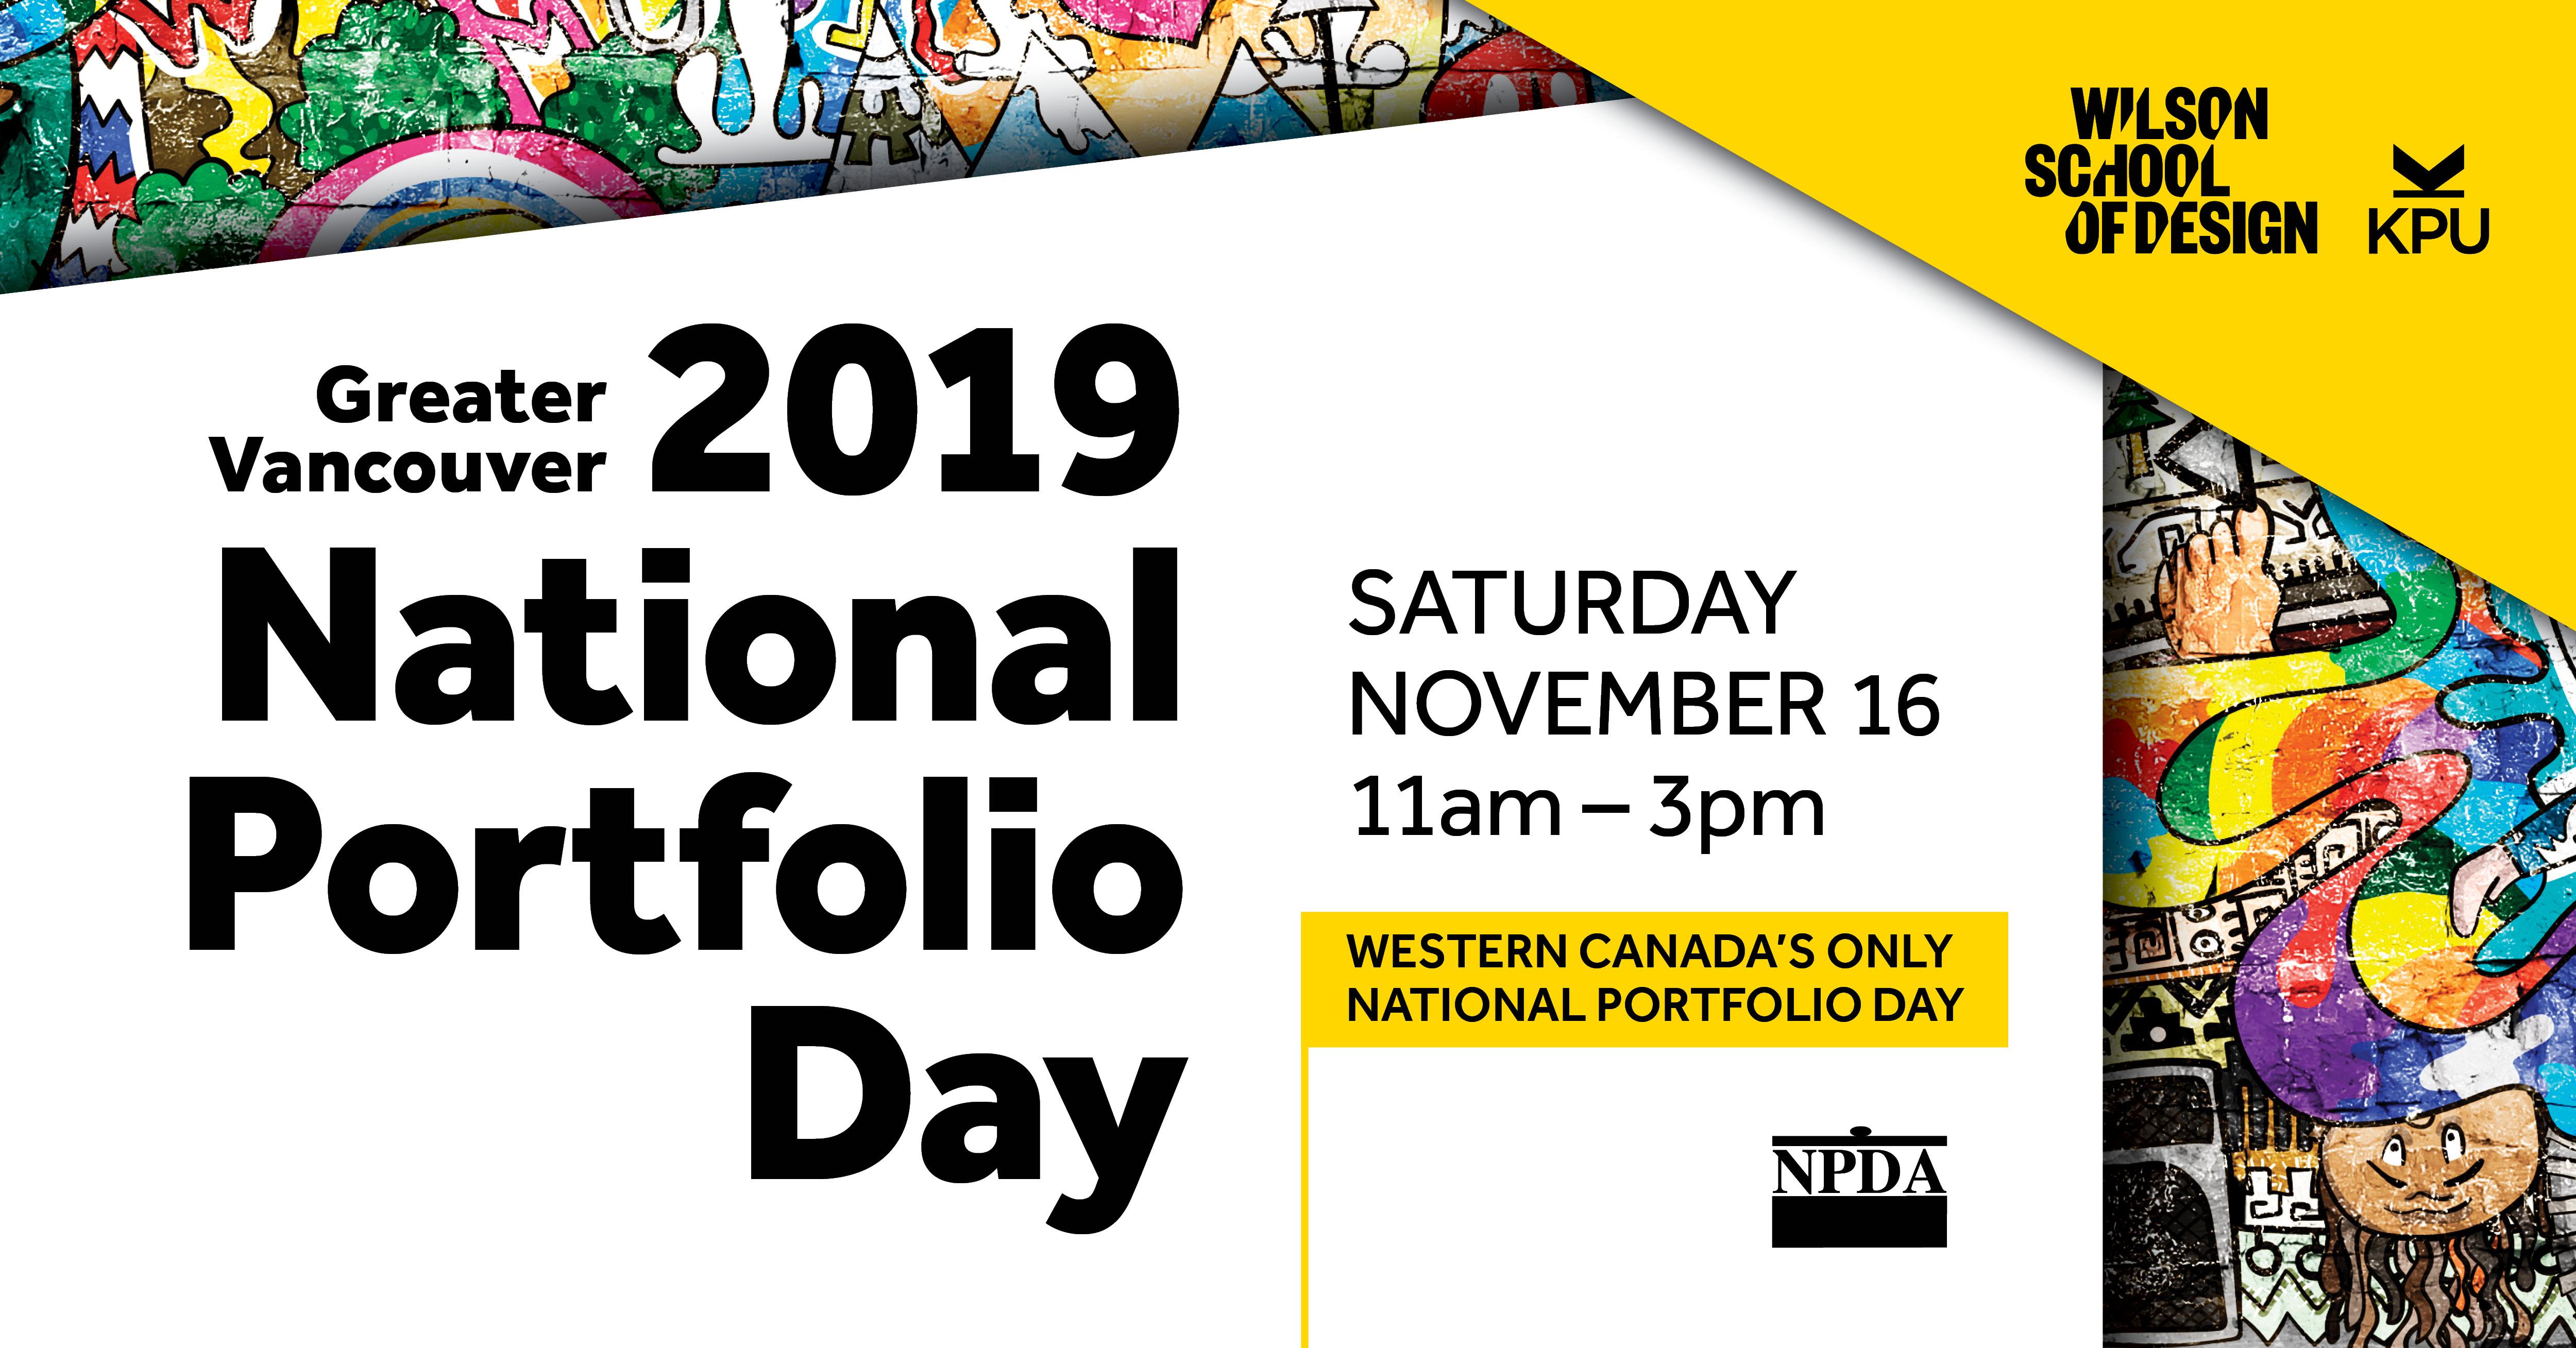 2019 National Portfolio Day